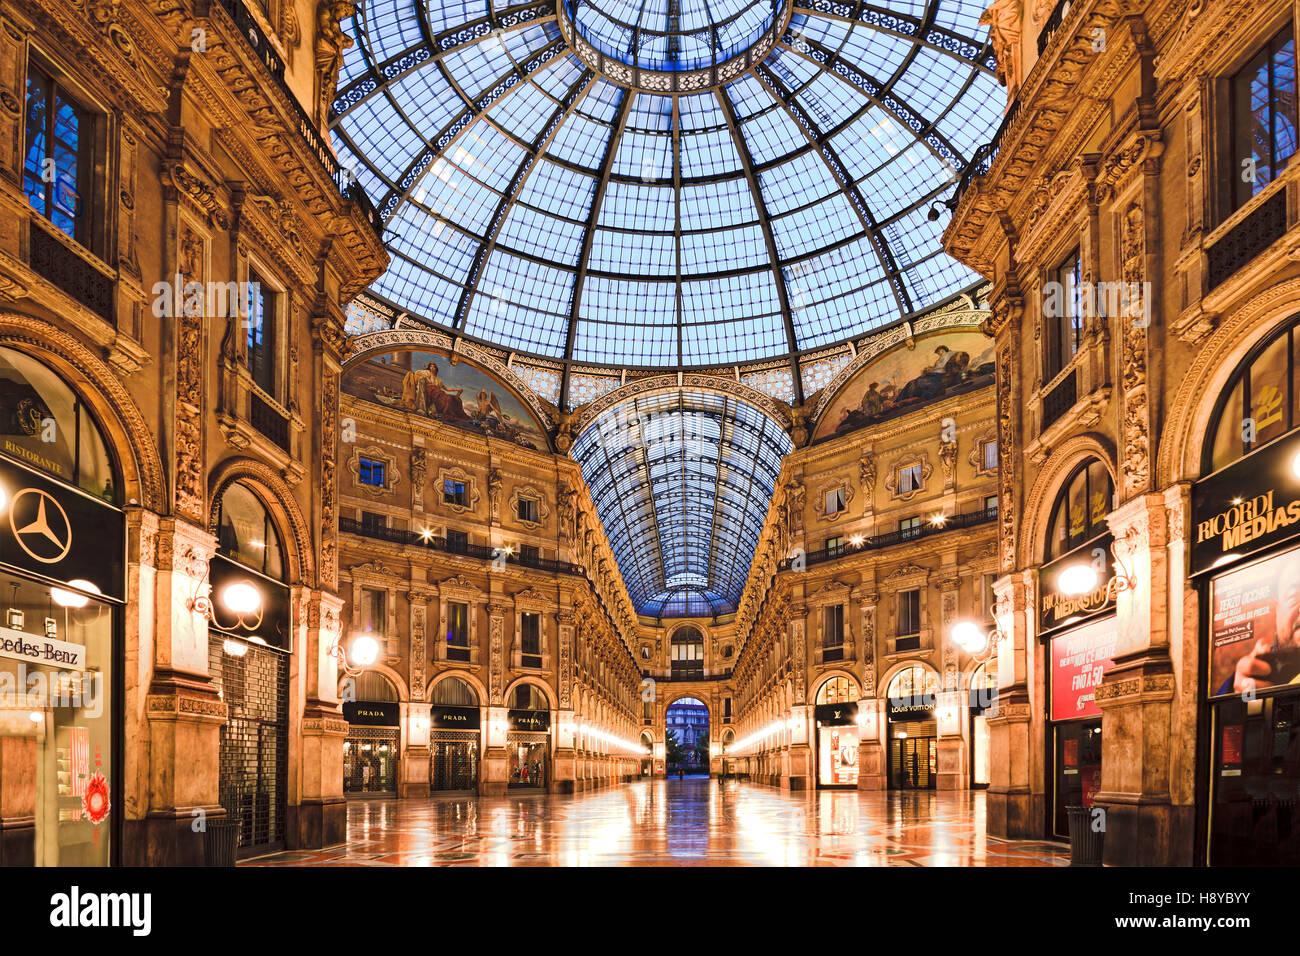 MILAN, ITALIE - 18 juillet 2013: Centre commercial Galleria Vittorio Emanuele II au lever du soleil avant Photo Stock